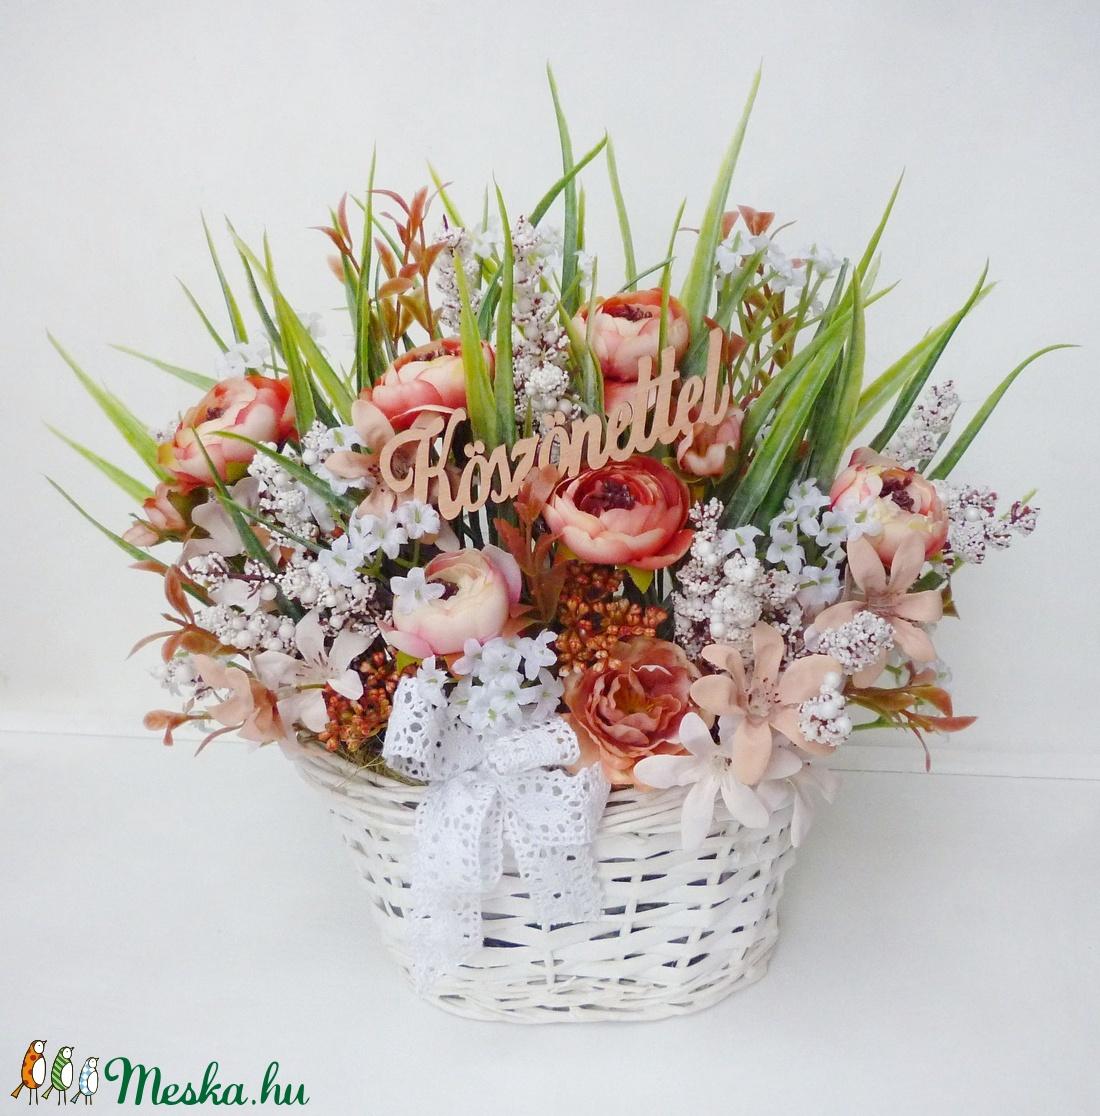 'Köszönettel' virág kosár  - Meska.hu